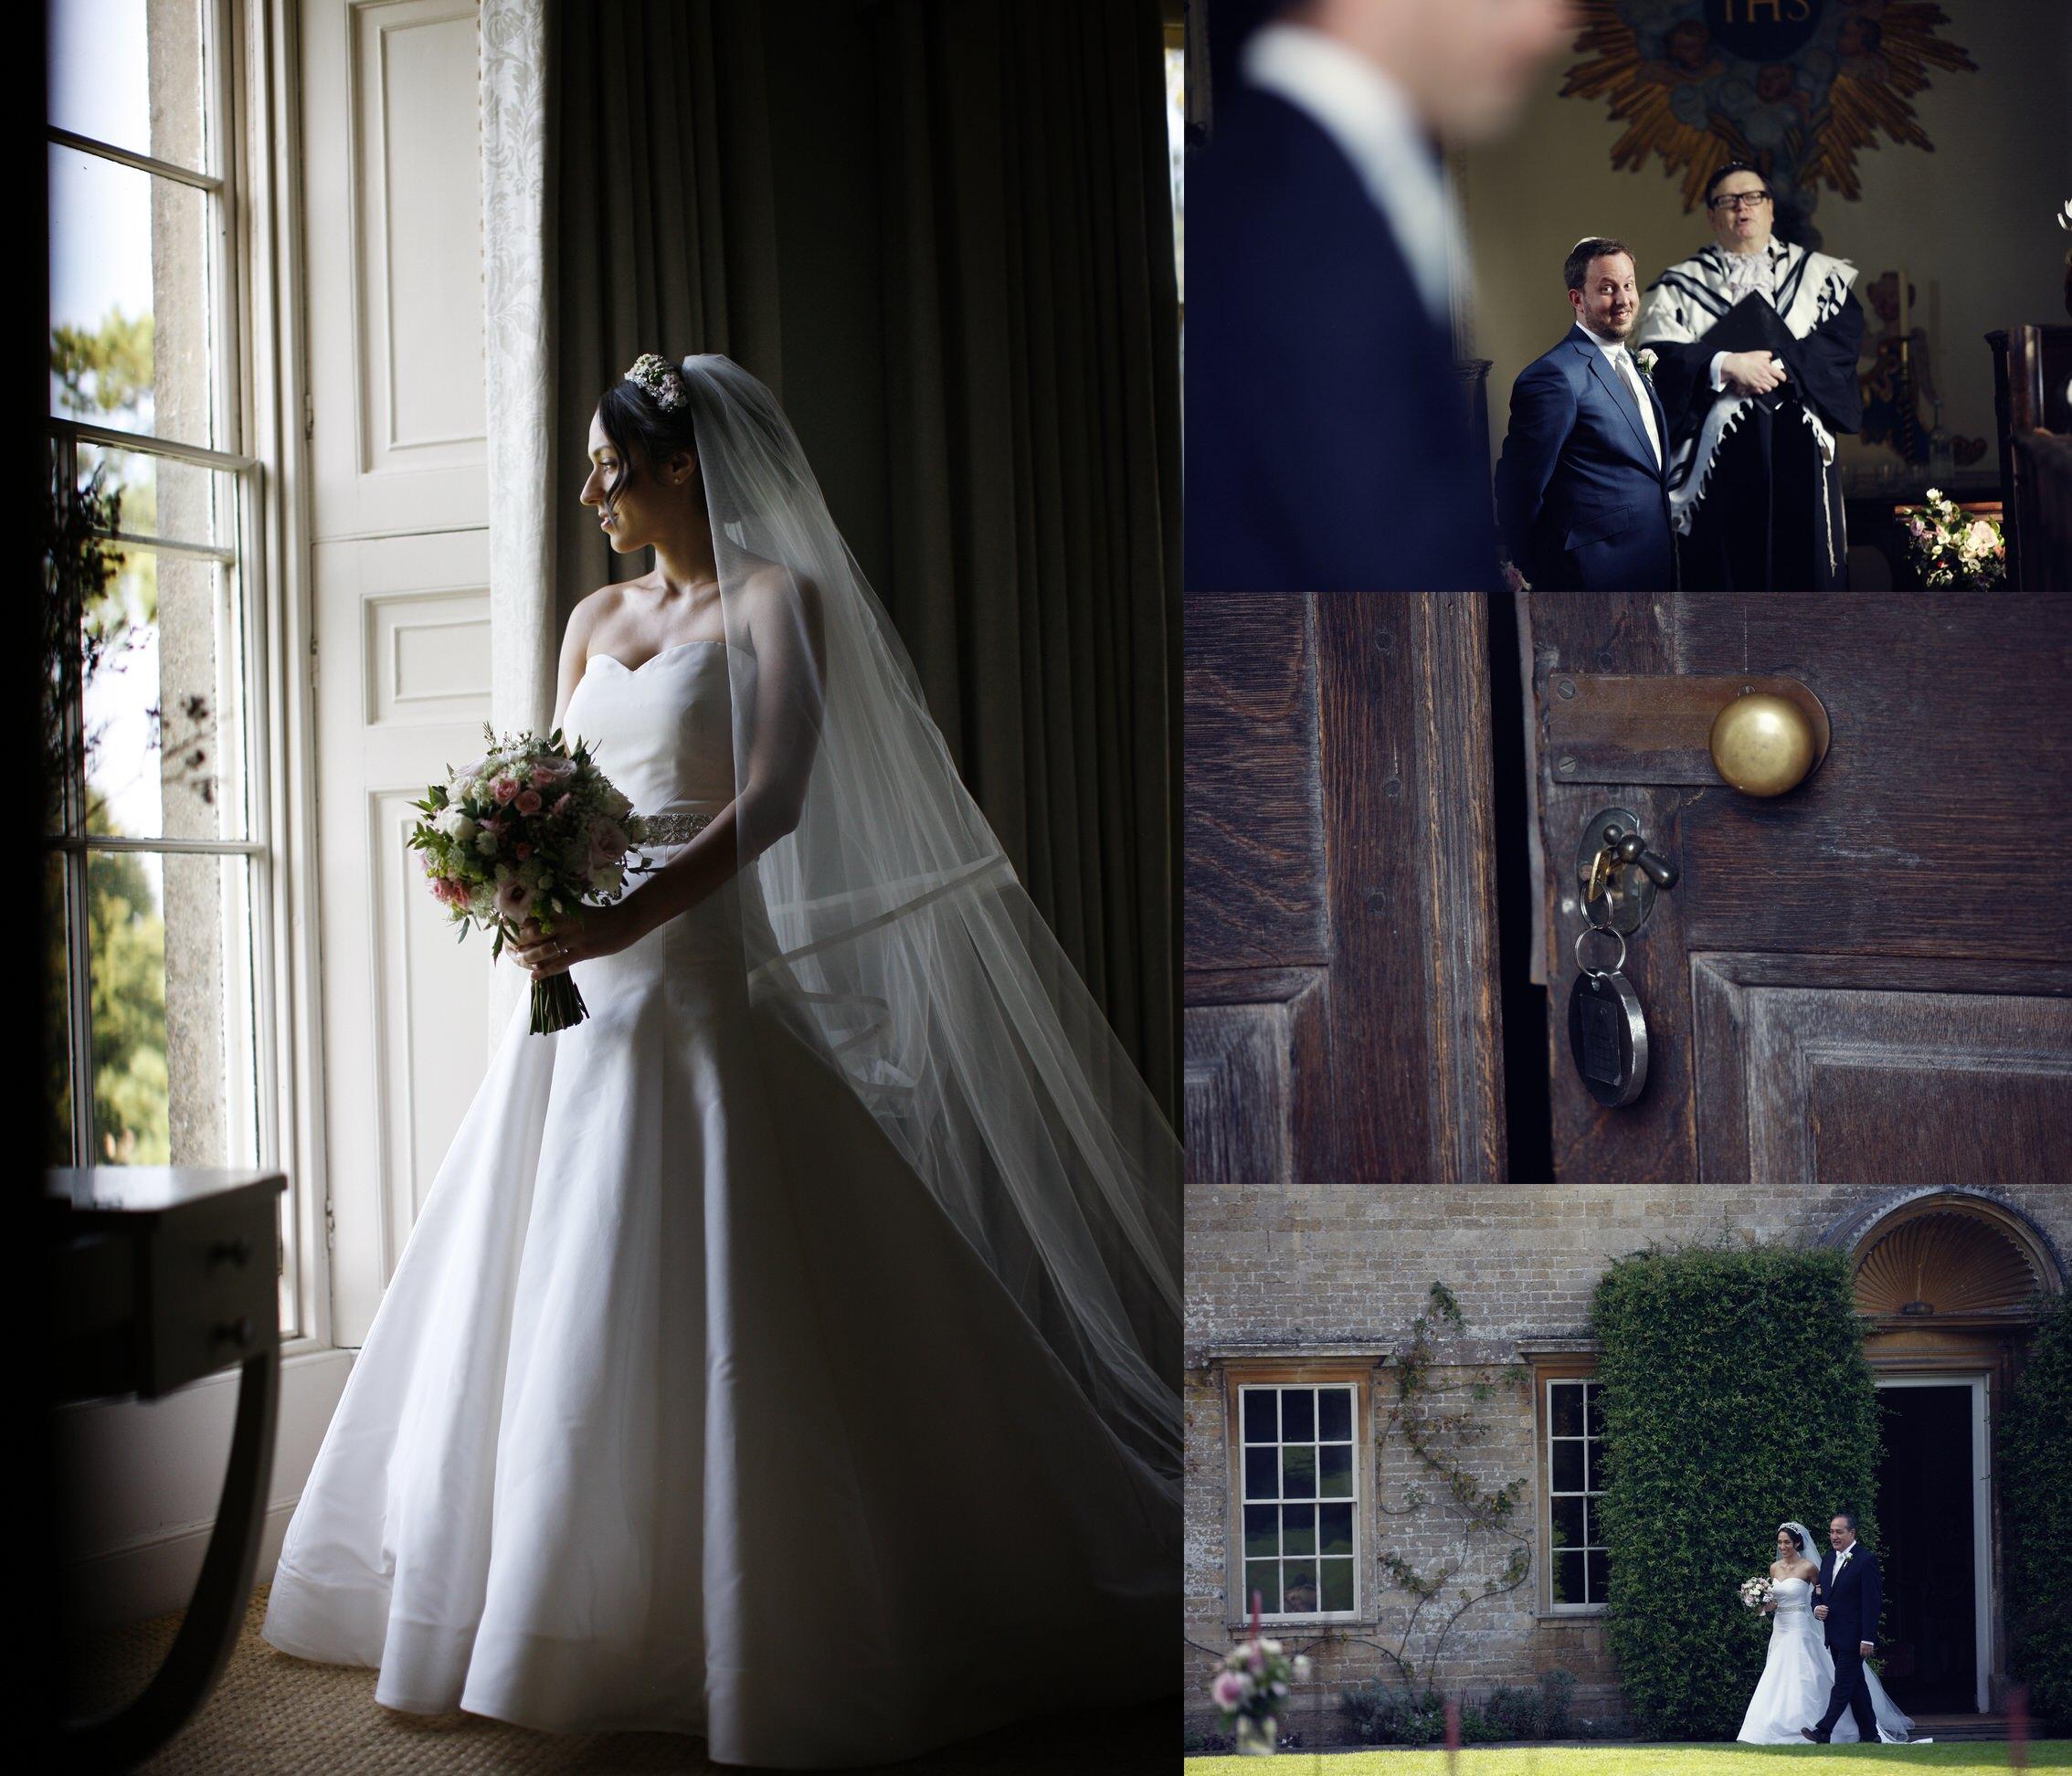 babington-house-frome-wedding_0006.jpg